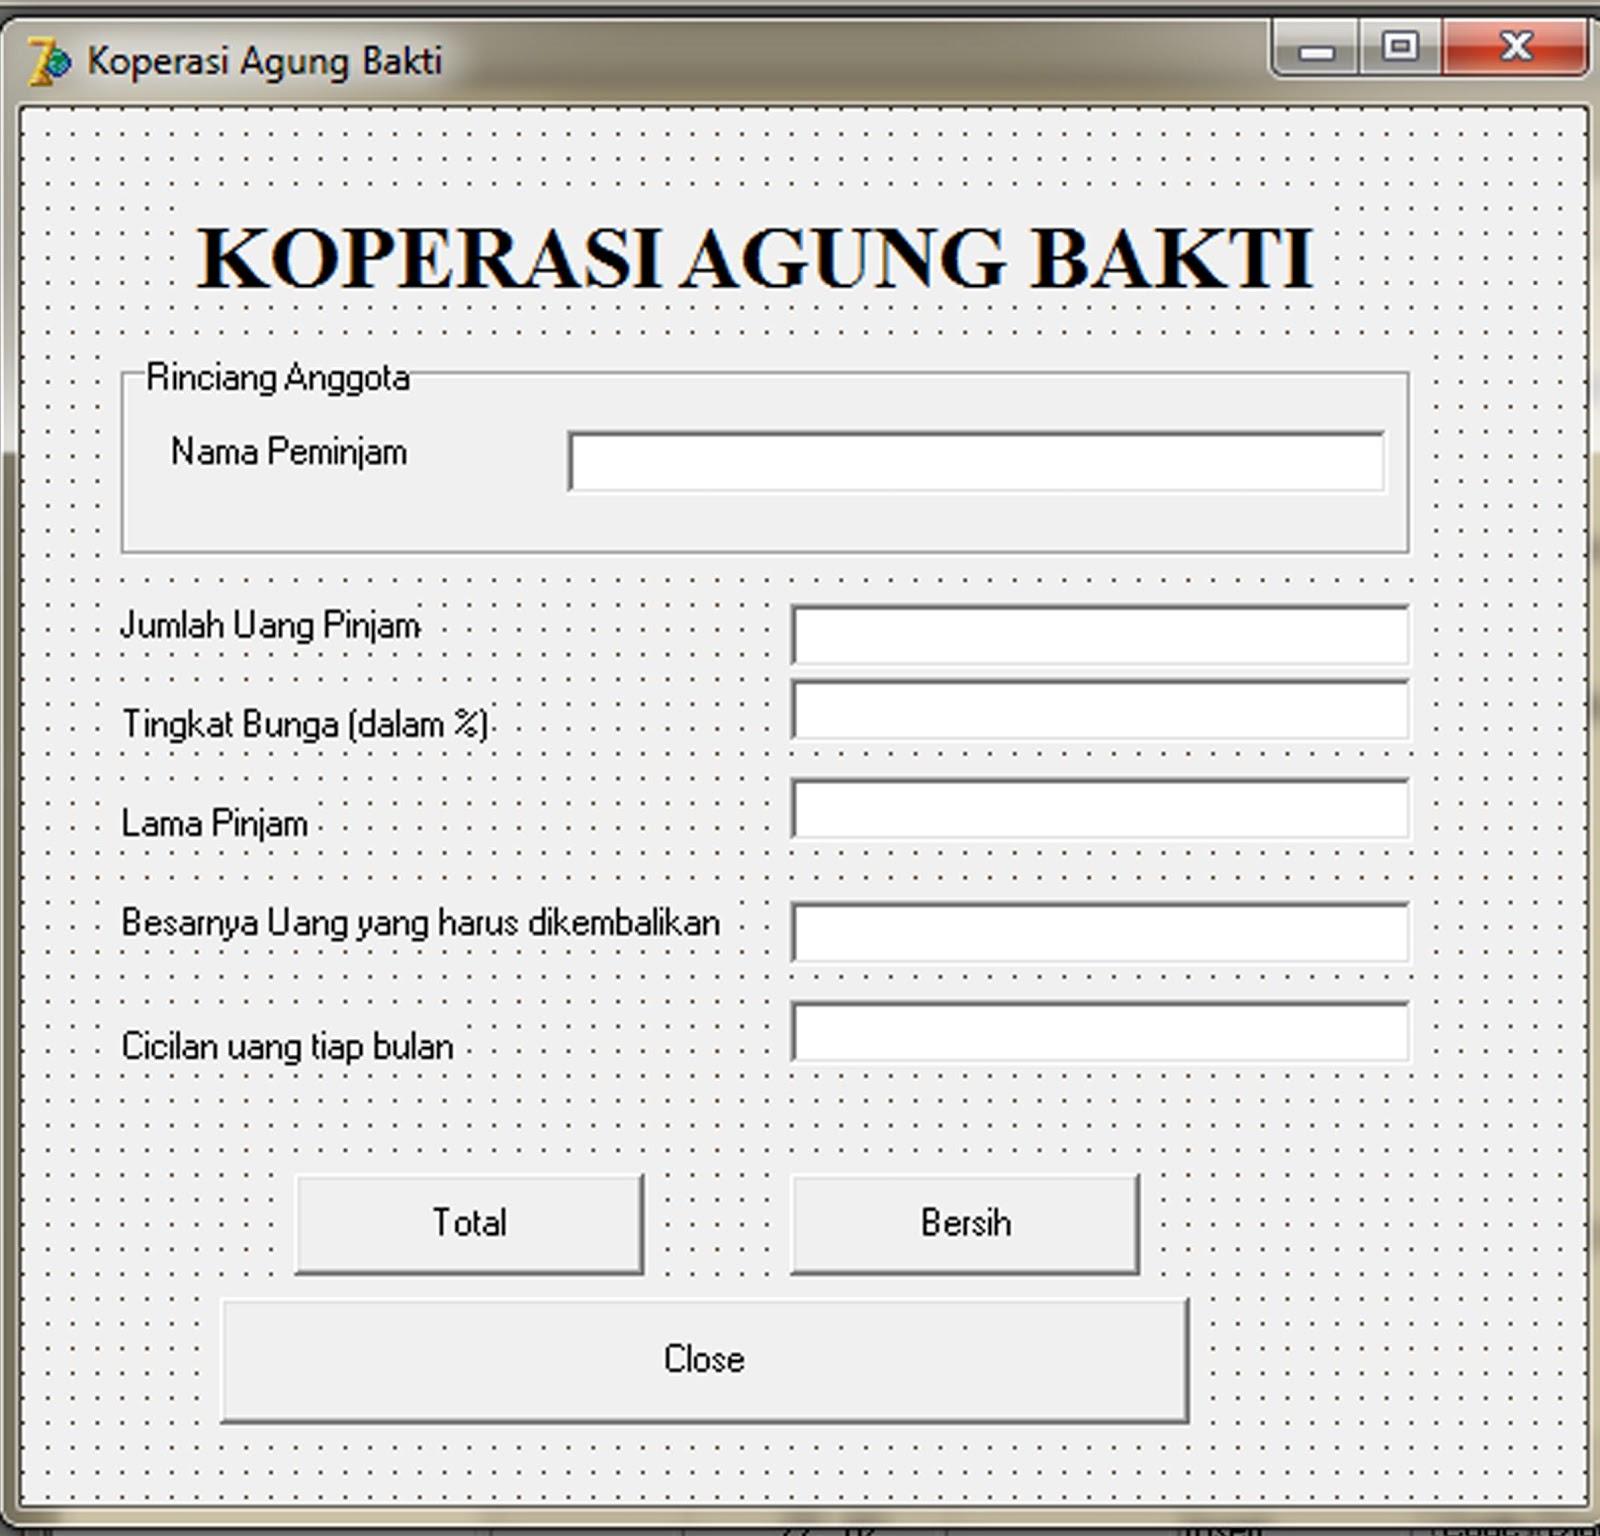 Koleksi Batik: Oktober 2012